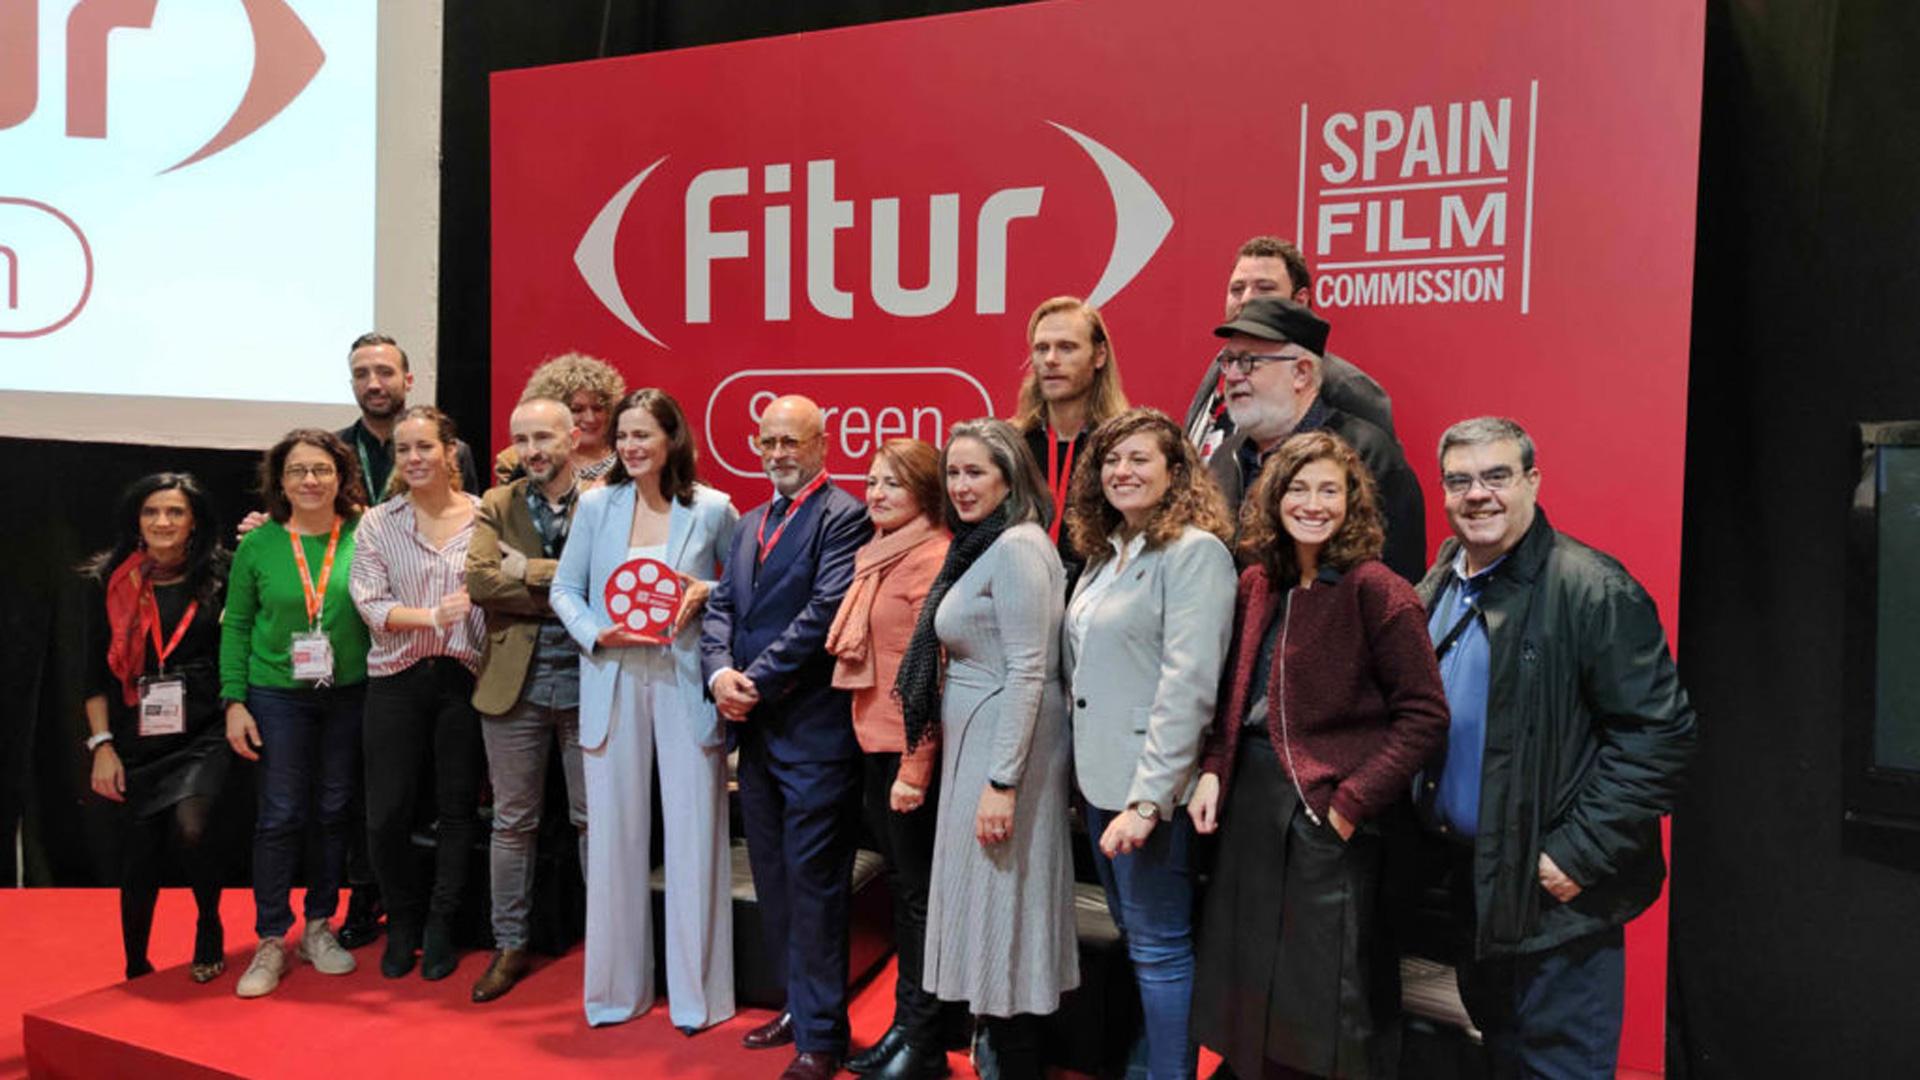 Valoración positiva de la participación de Extremadura Audiovisual y Extremadura Film Commission en Fitur Screen